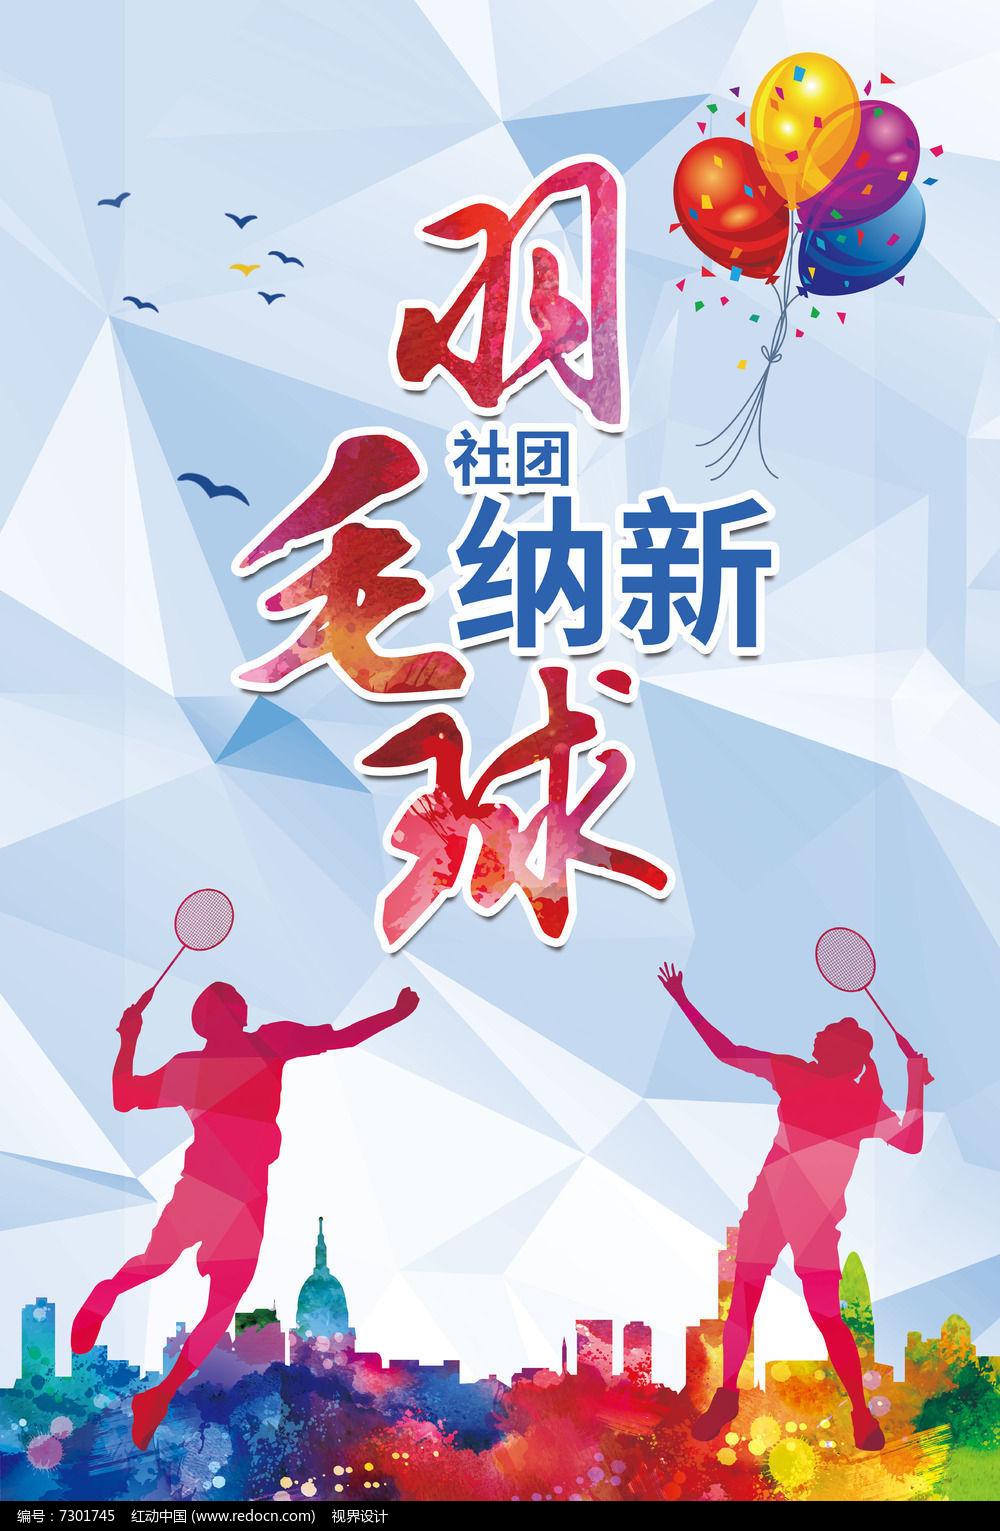 海报设计 大学羽毛球协会社团招新海报x展架psd模板  请您分享: 红动